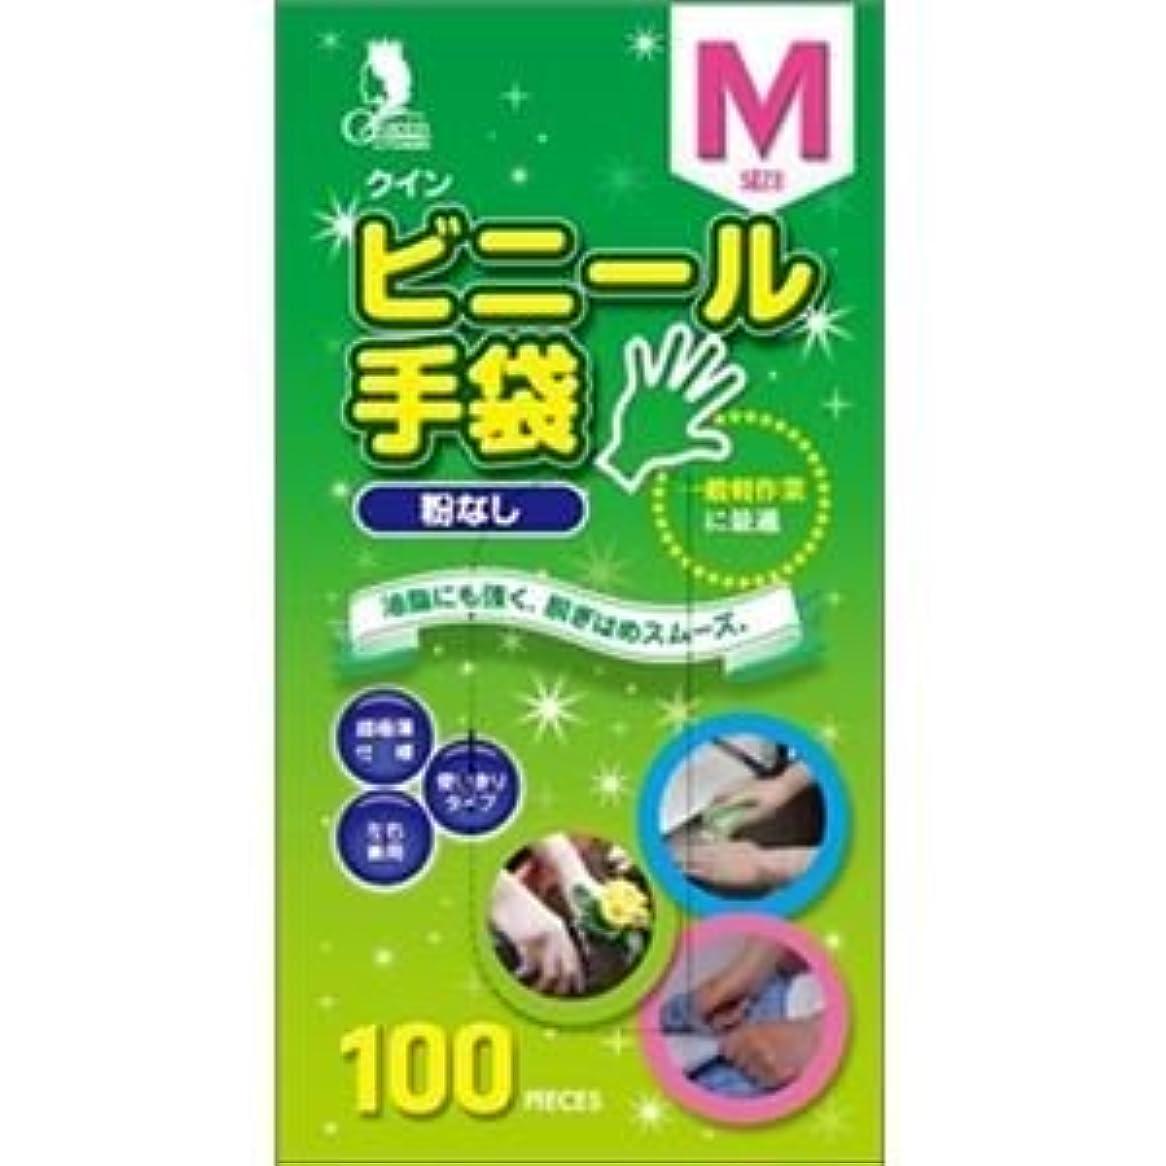 付録属するガロン(まとめ)宇都宮製作 クインビニール手袋100枚入 M (N) 【×3点セット】